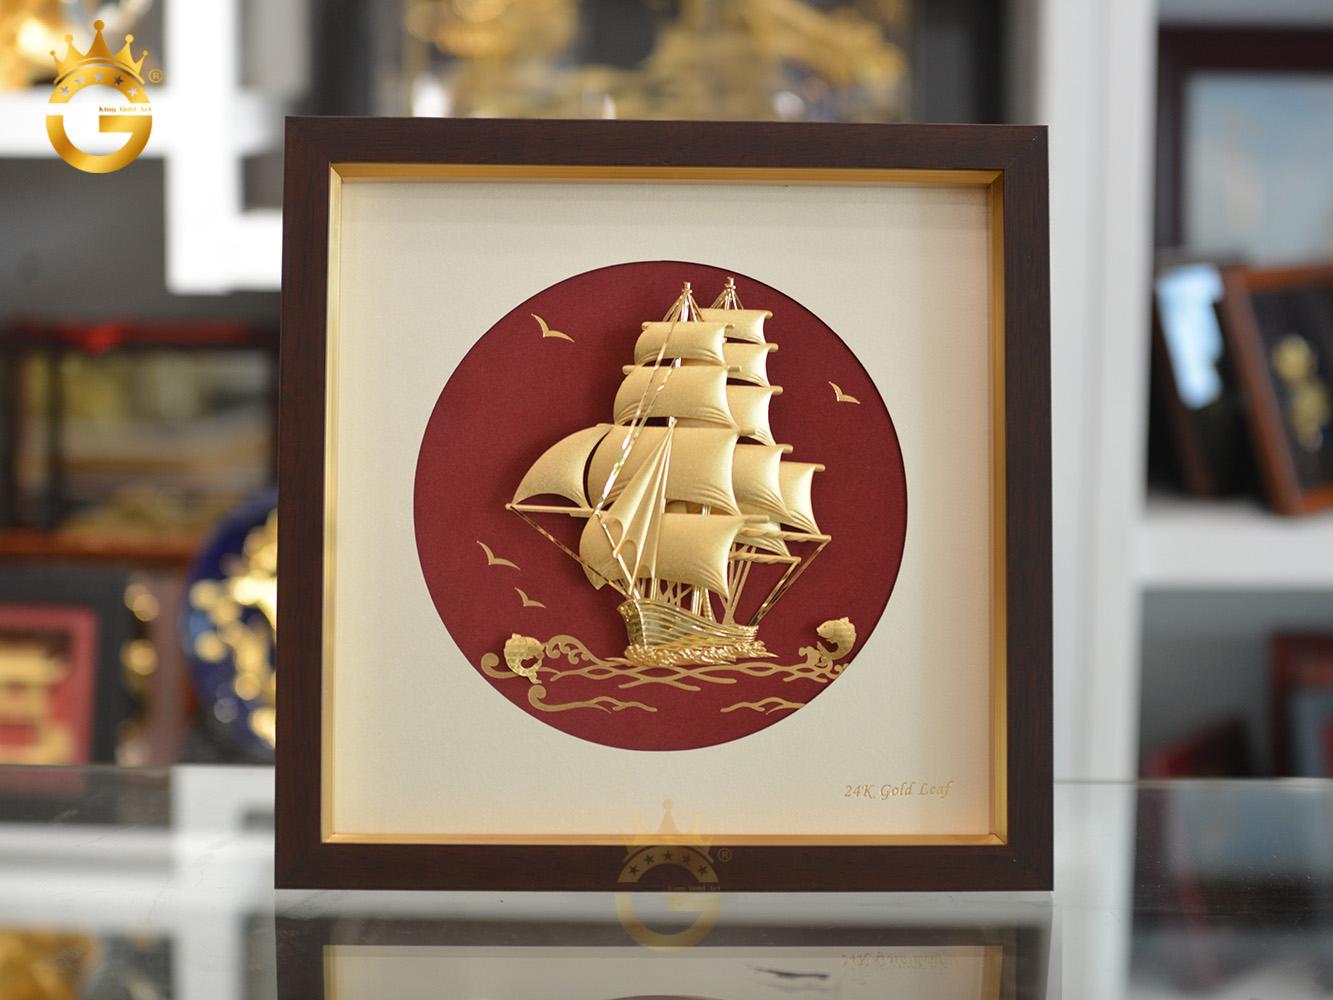 Quà tặng tân gia ý nghĩa- tranh thuyền buồm dát vàng 24k0